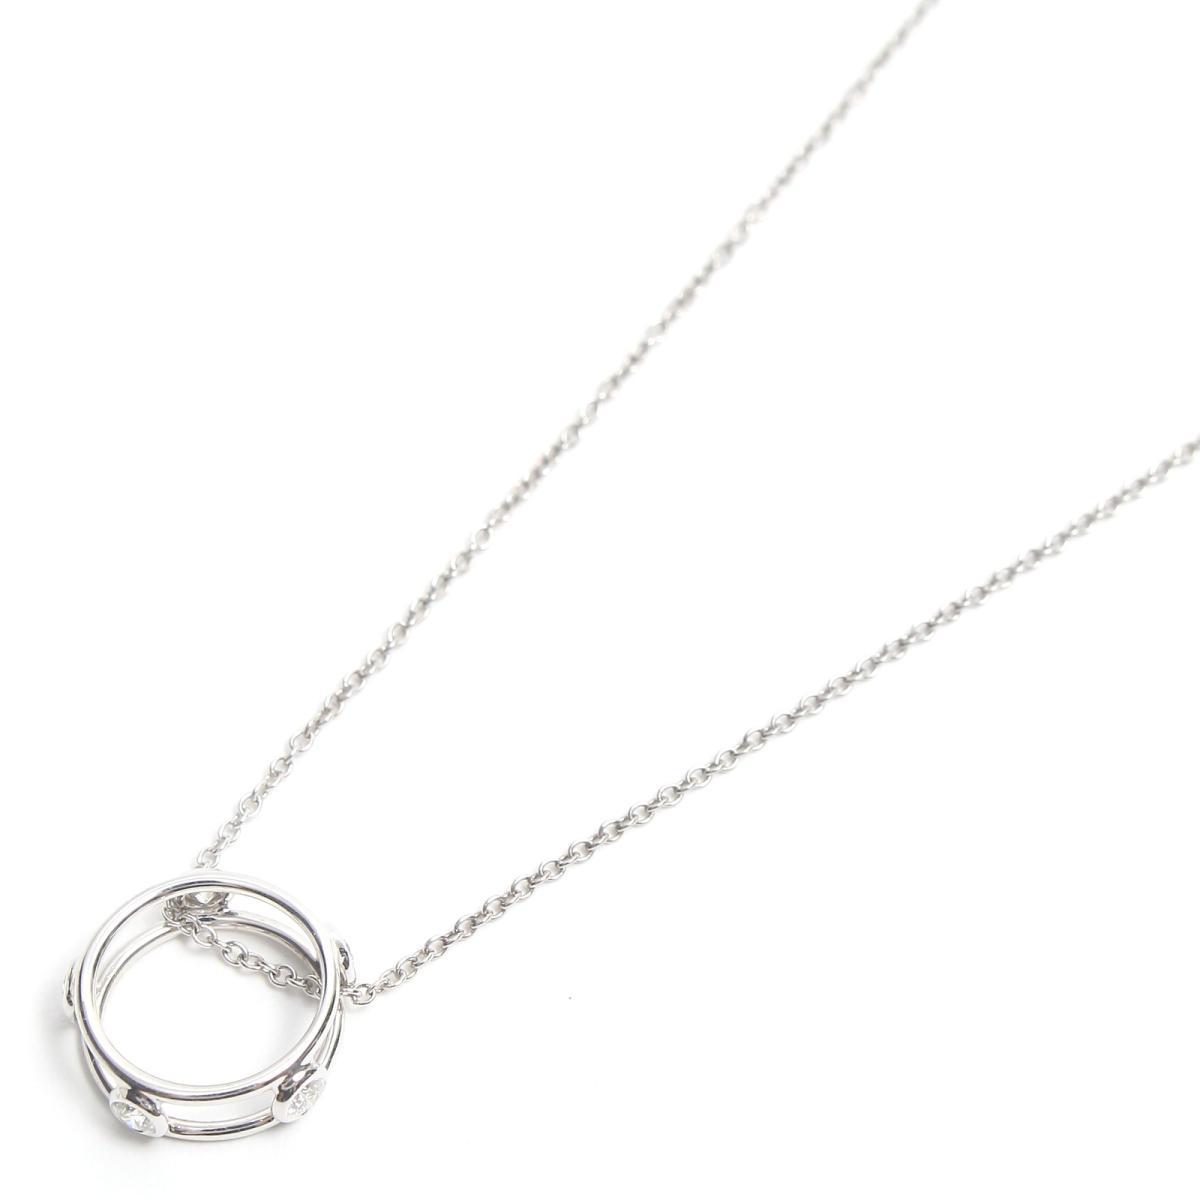 【中古】 ティファニー ダブルワイヤー ネックレス レディース K18WG (750) ホワイトゴールド x ダイヤモンド | TIFFANY&CO BRANDOFF ブランドオフ ブランド アクセサリー ペンダント